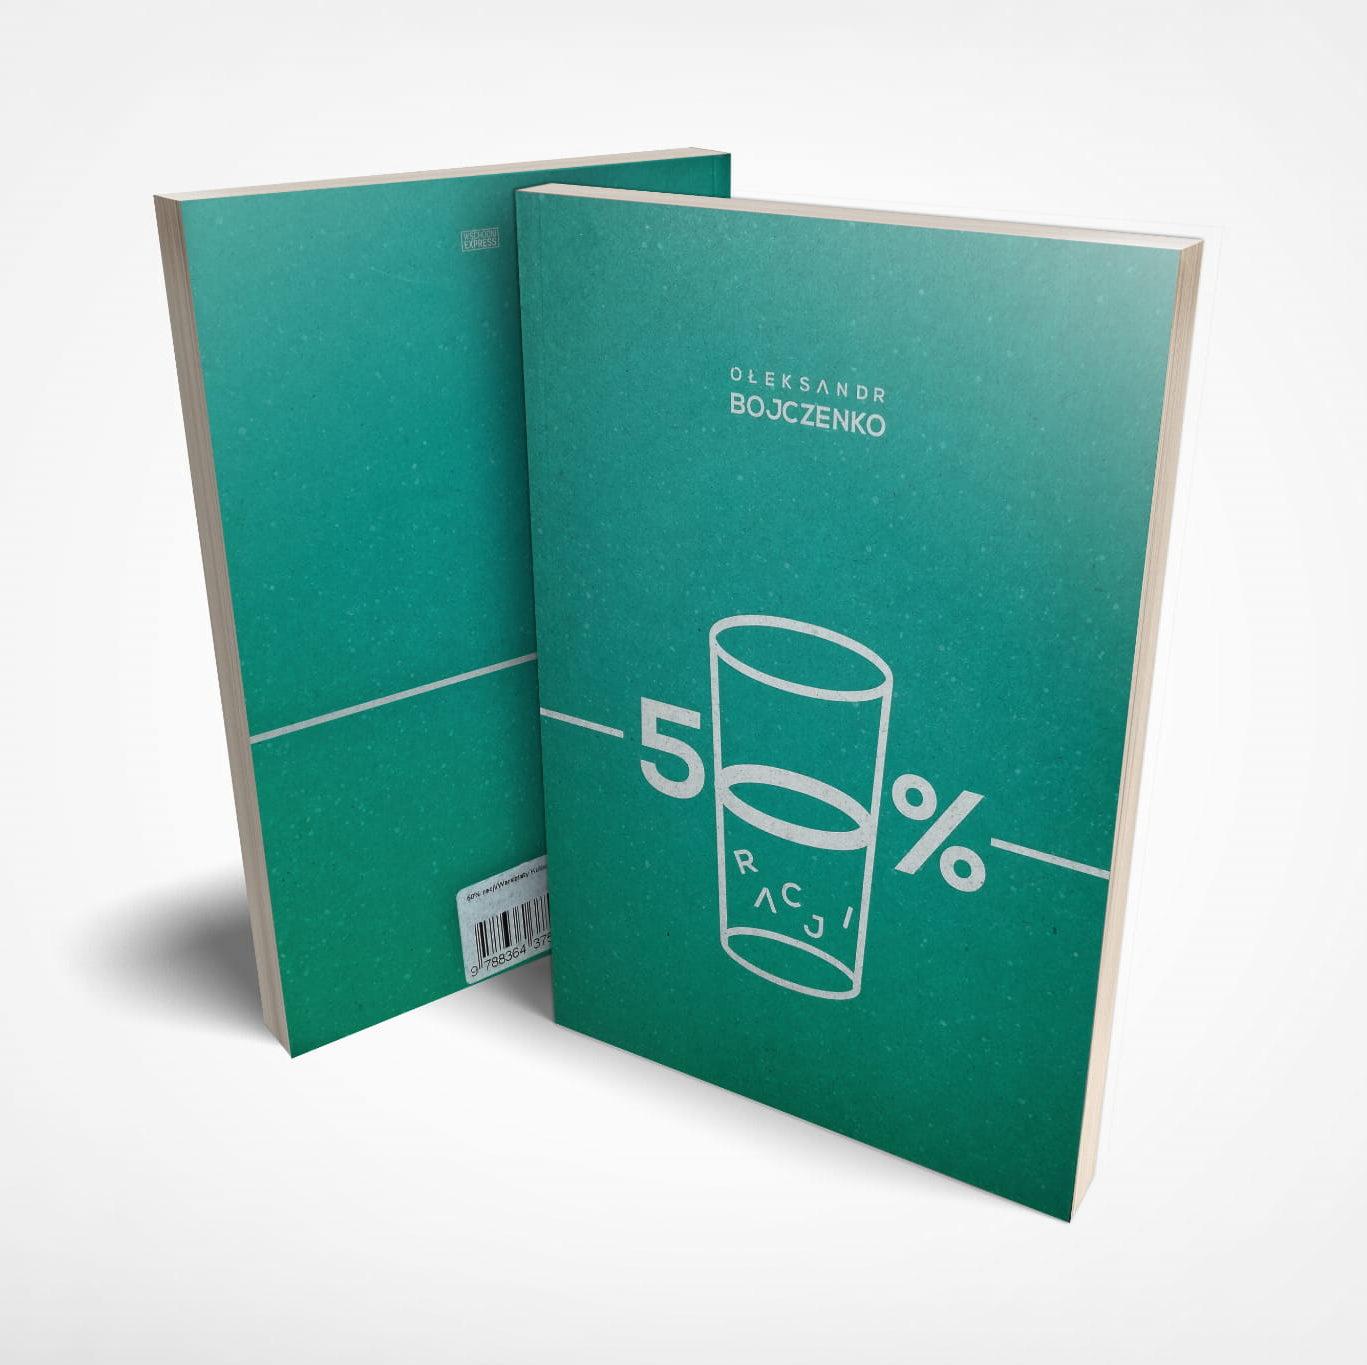 zielona okładka książki. Na środku w białym kolorze cyfra pięć, za nią w połowie pełna lub w połowie pusta szklanka, w której widać literki układające się w słowo RACJI, za szklanka znak procentu. Obrazek składa się na tytuł książki 50% racji. Po lewej stronie szklanki, mniejszą czcionką nazwisko autora Ołeksandr Bojczenko